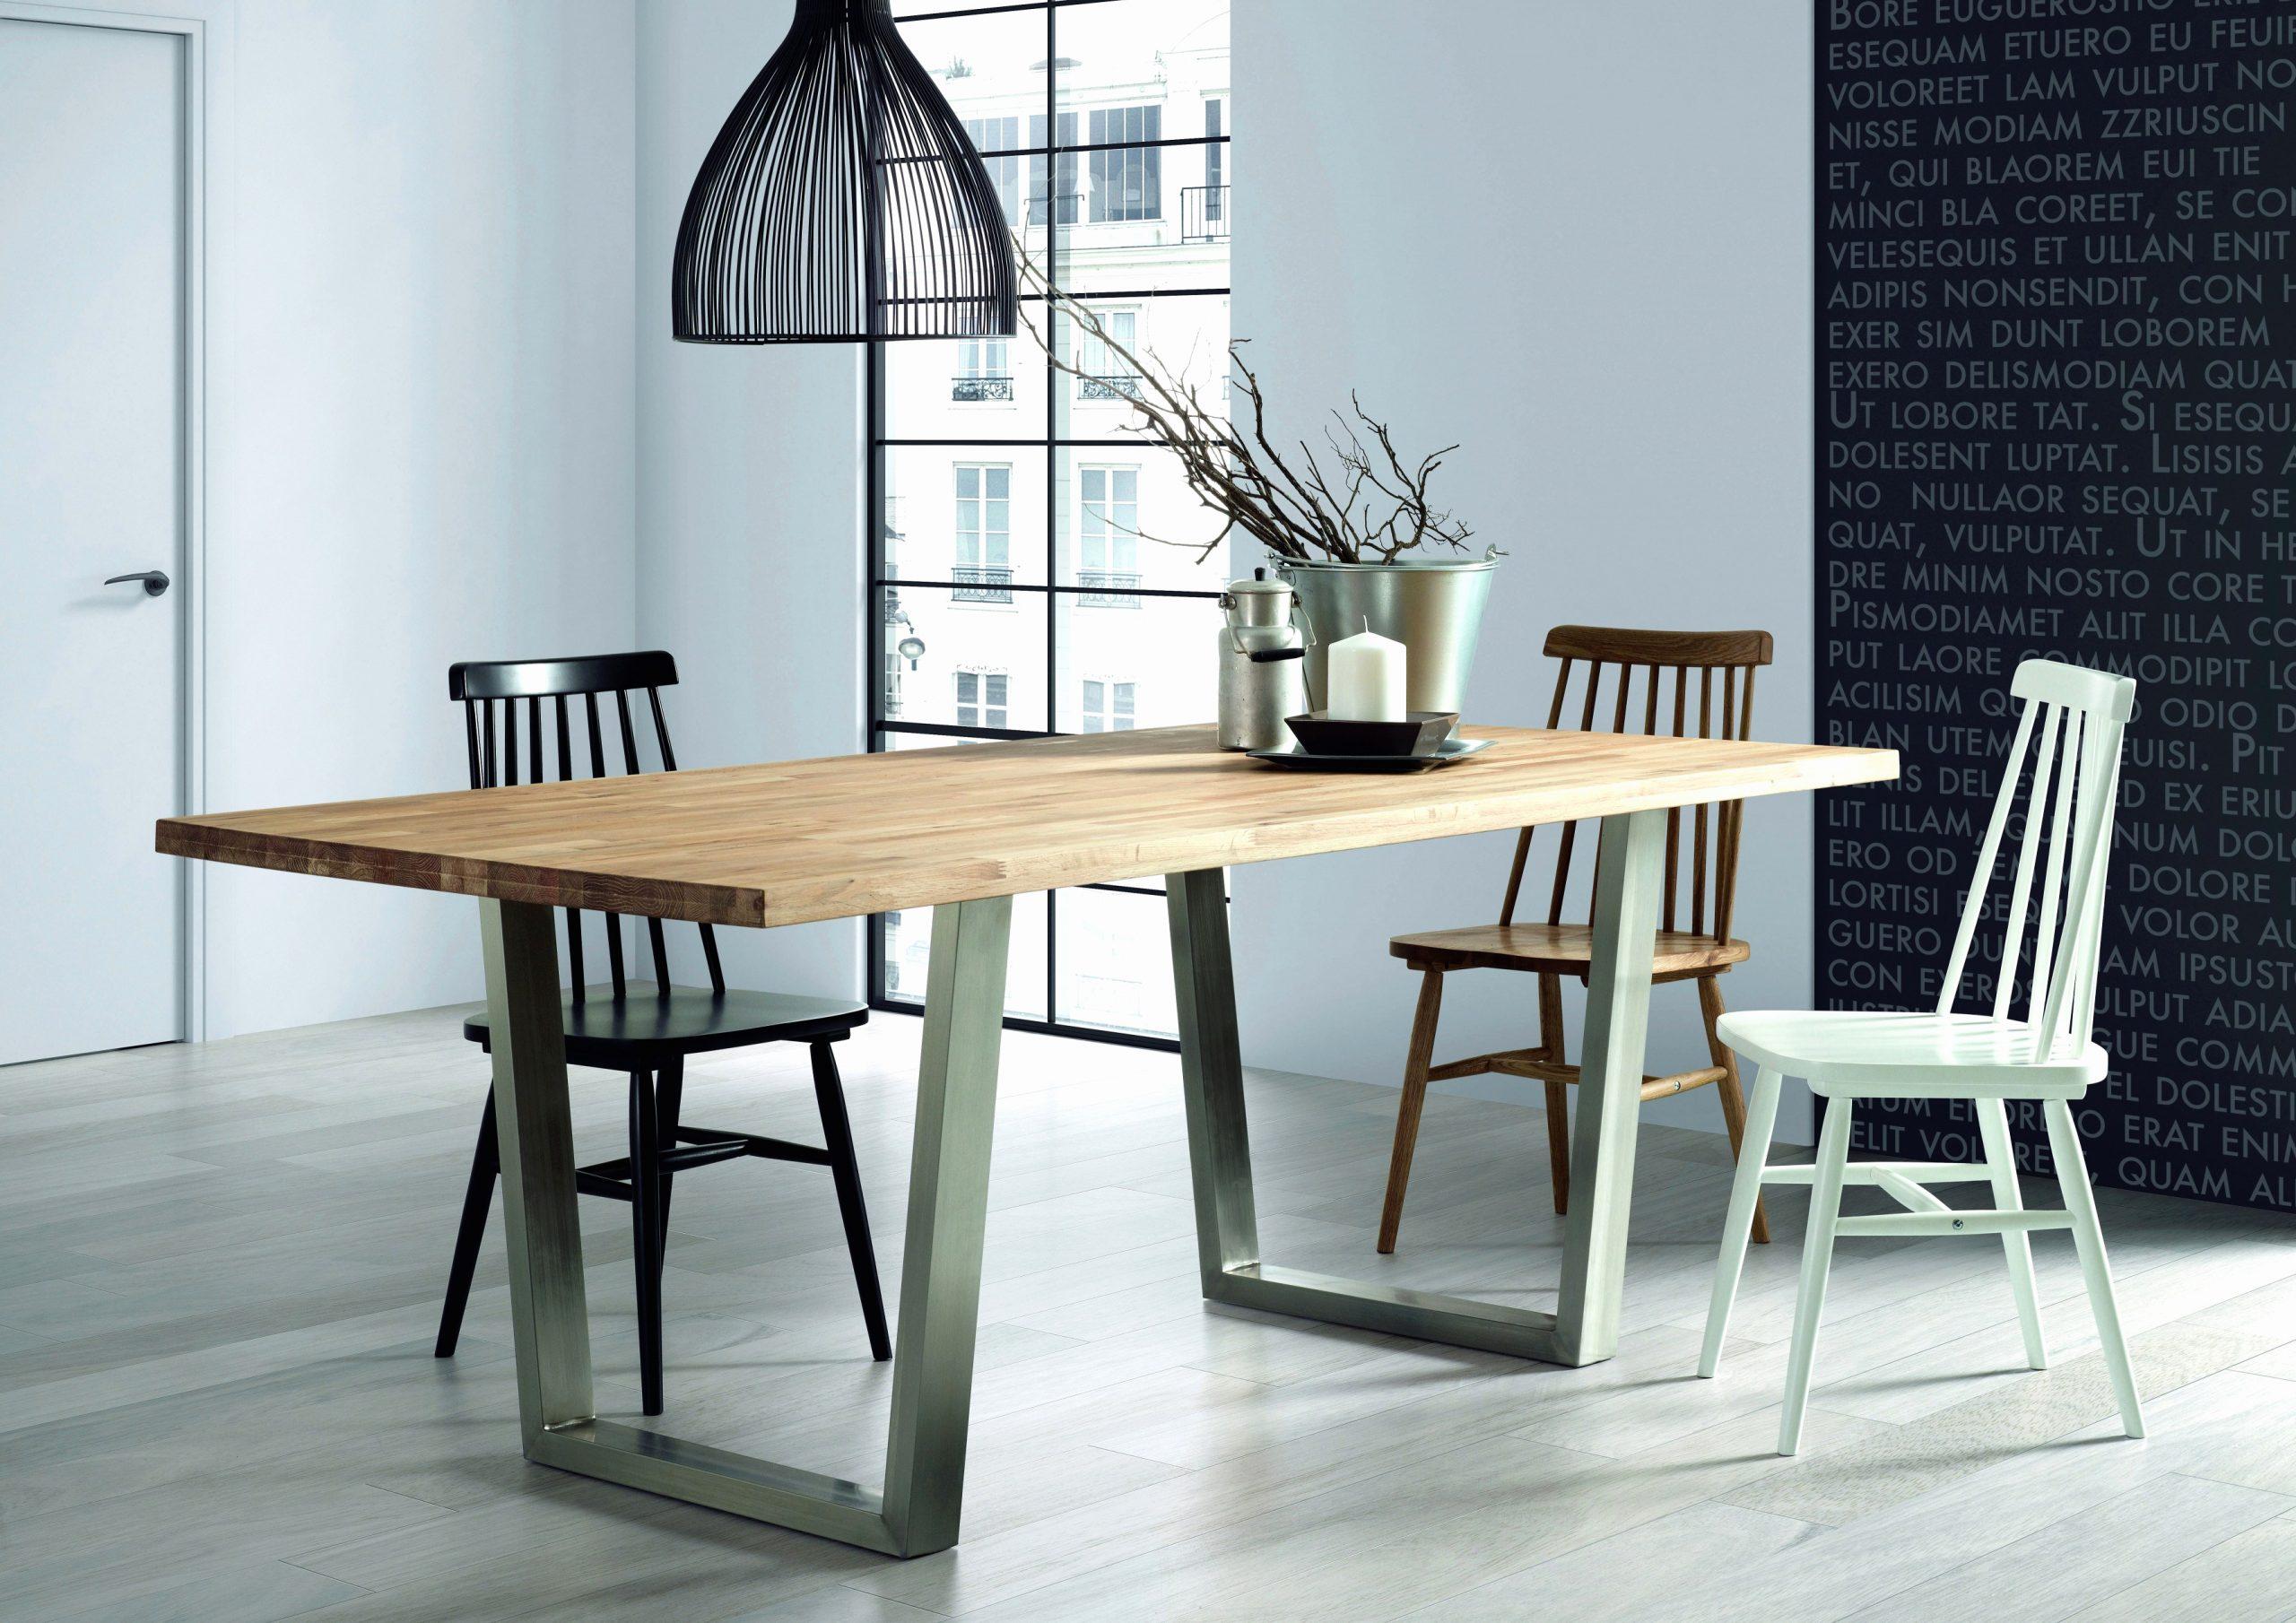 Sympathique Images De Table Salle A Manger Ceramique Beau ... encequiconcerne Armoire De Jardin Ikea